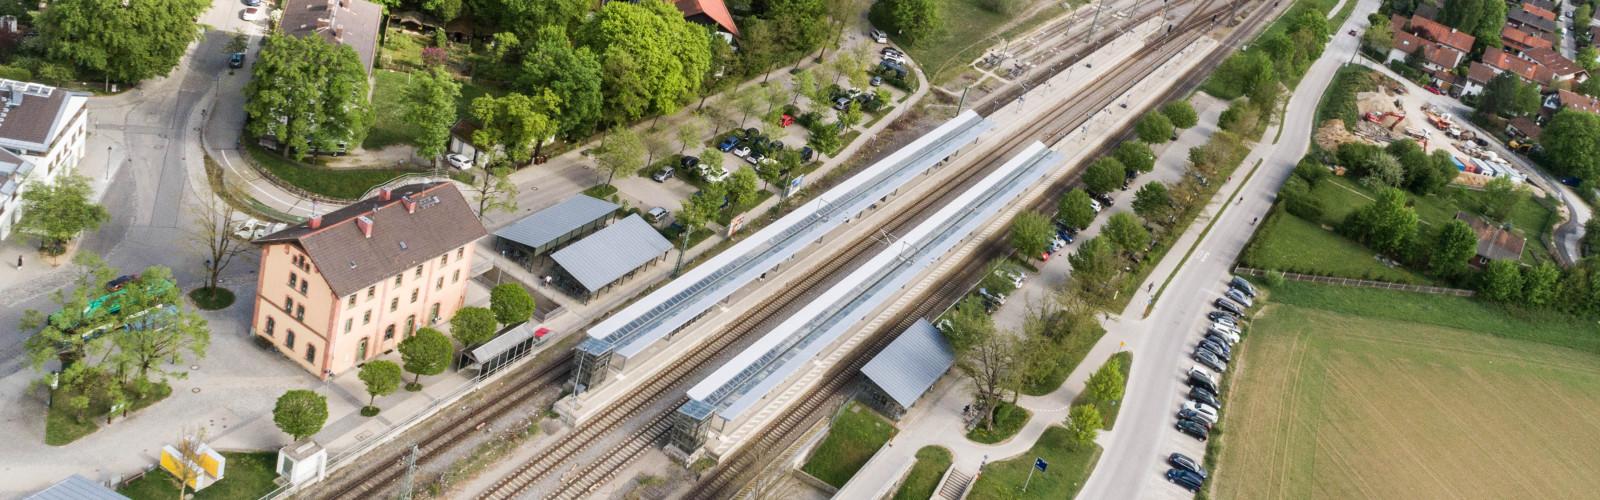 Bus Bahn Gemeinde Oberhaching